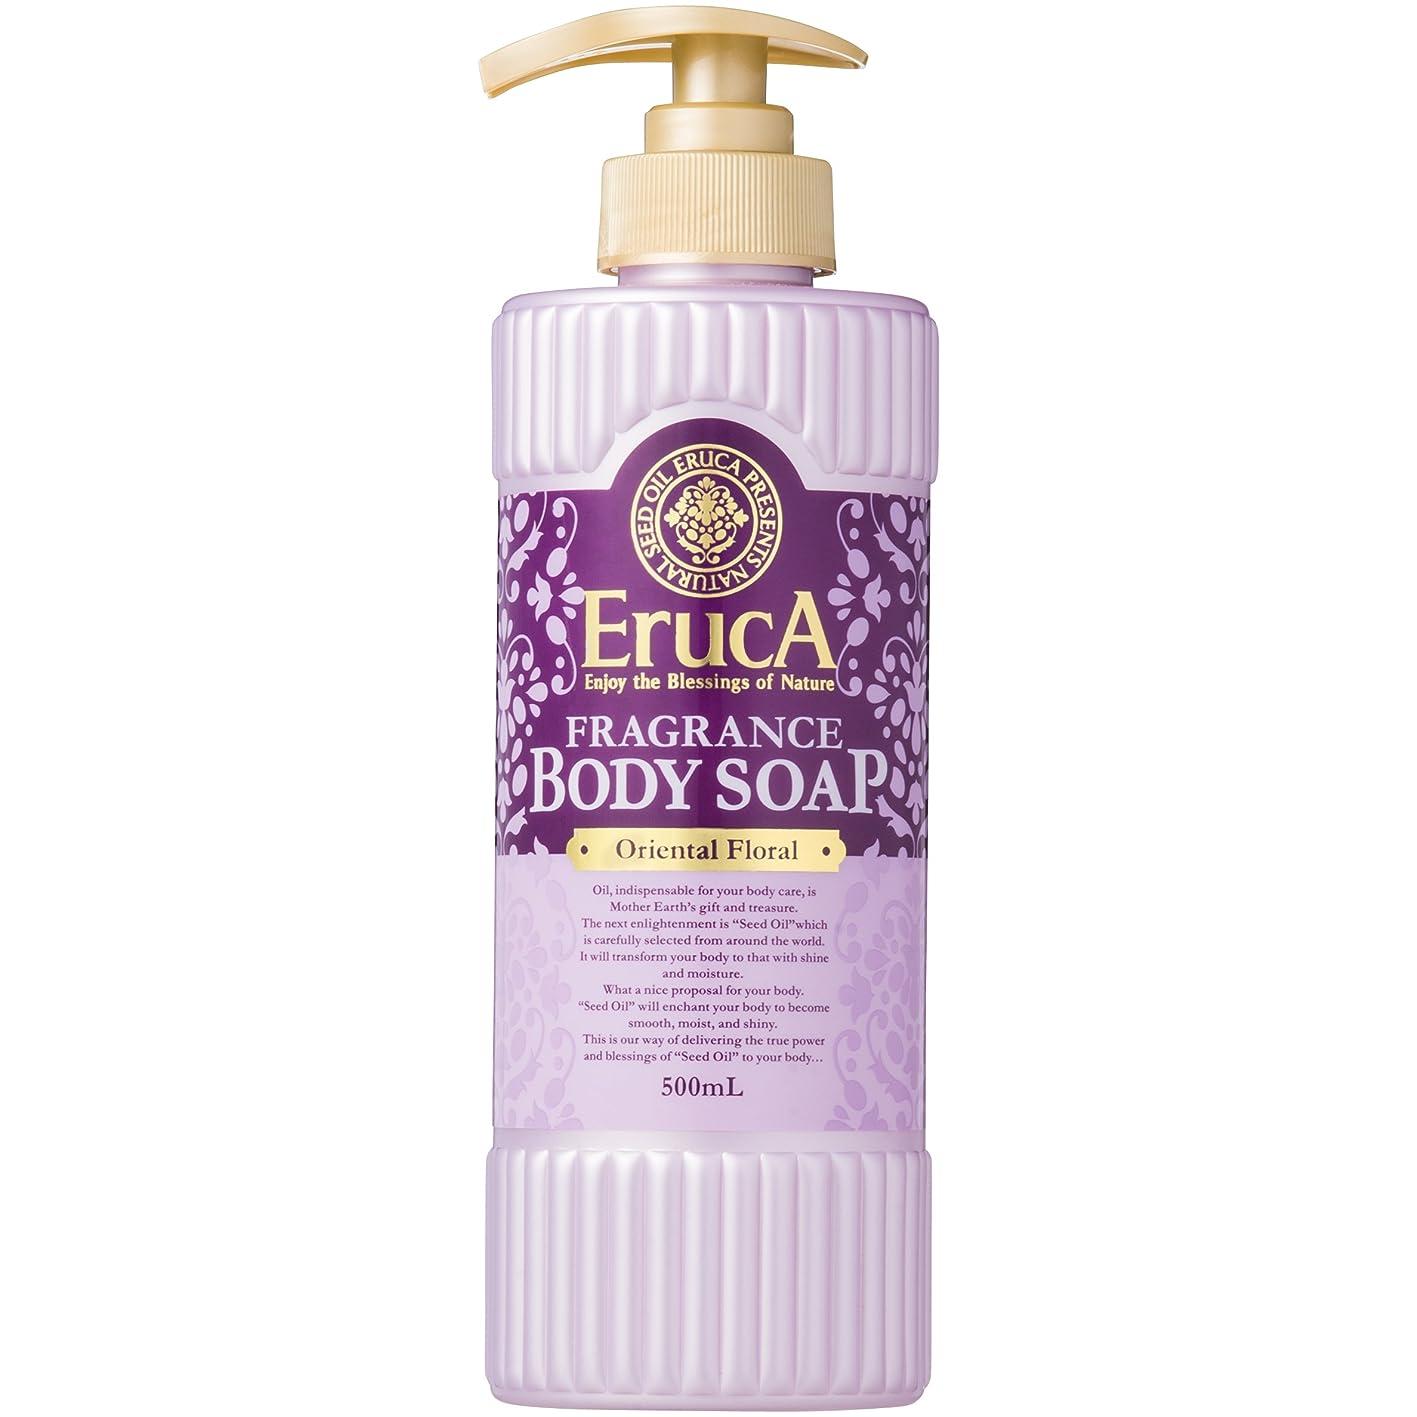 チャンバーレモン学校教育エルーカ フレグランスボディソープ オリエンタルフローラルの香り 500ml